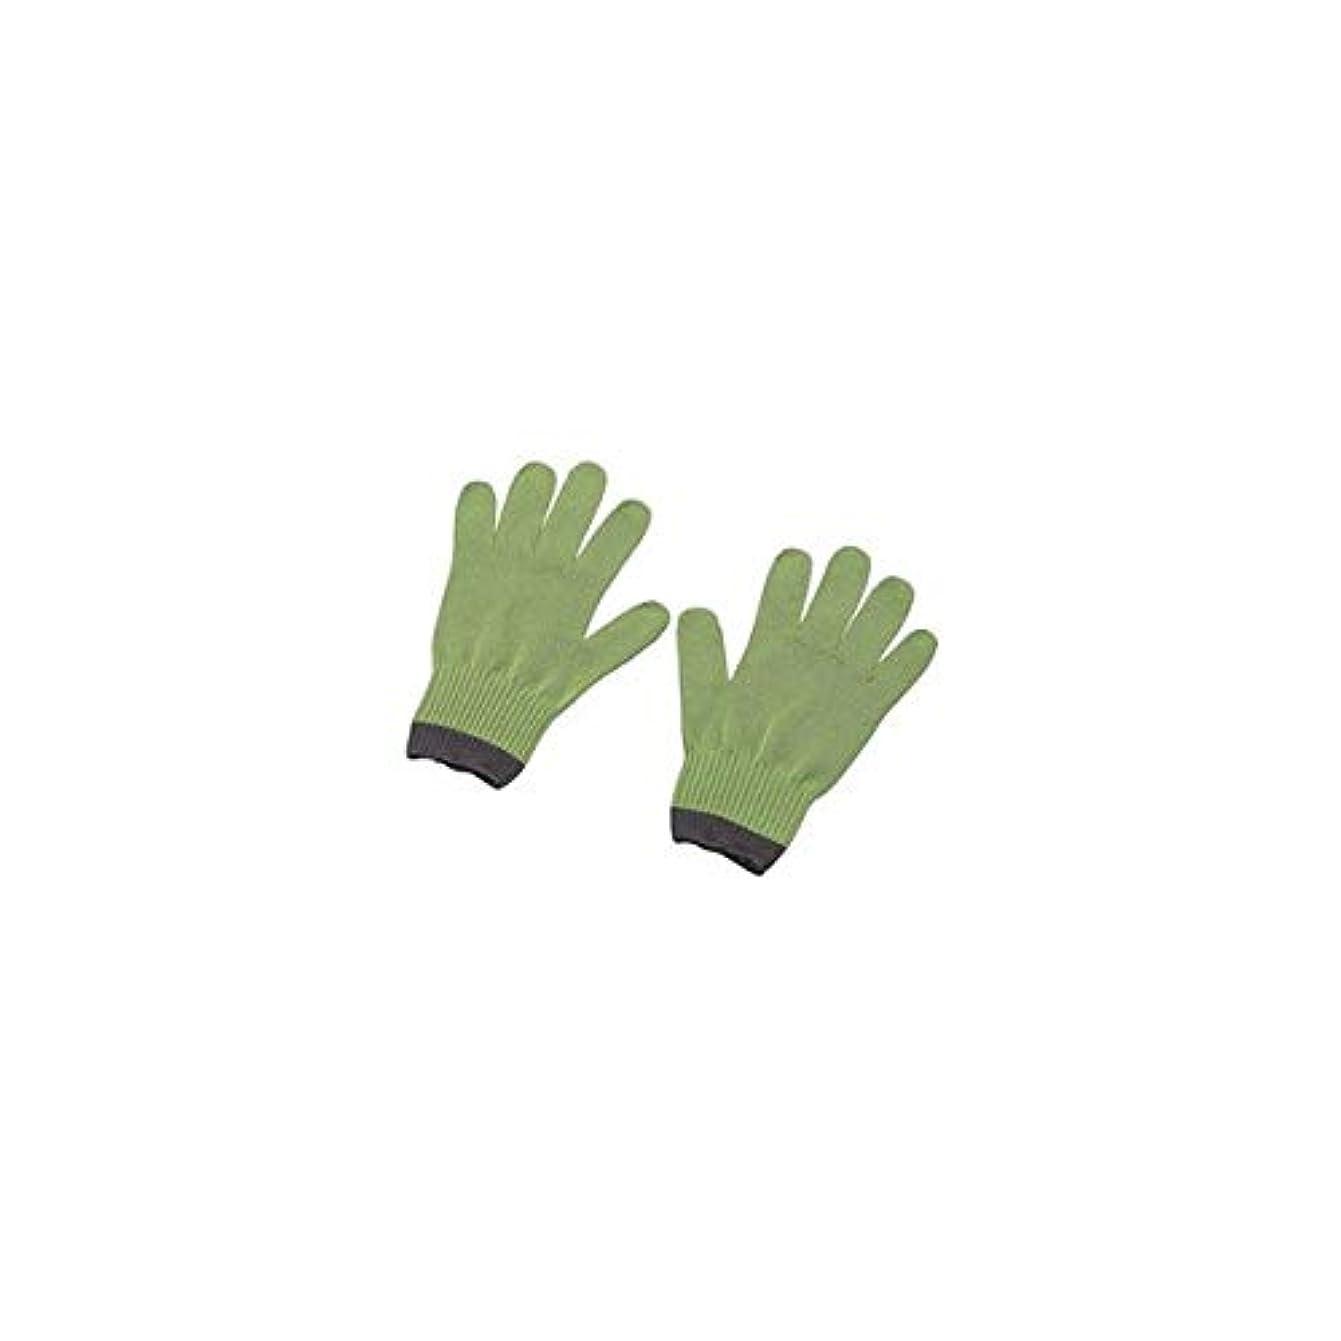 投獄エクステント共和国アラミド手袋MEGG-90 洗剤?消耗品 CD:378203